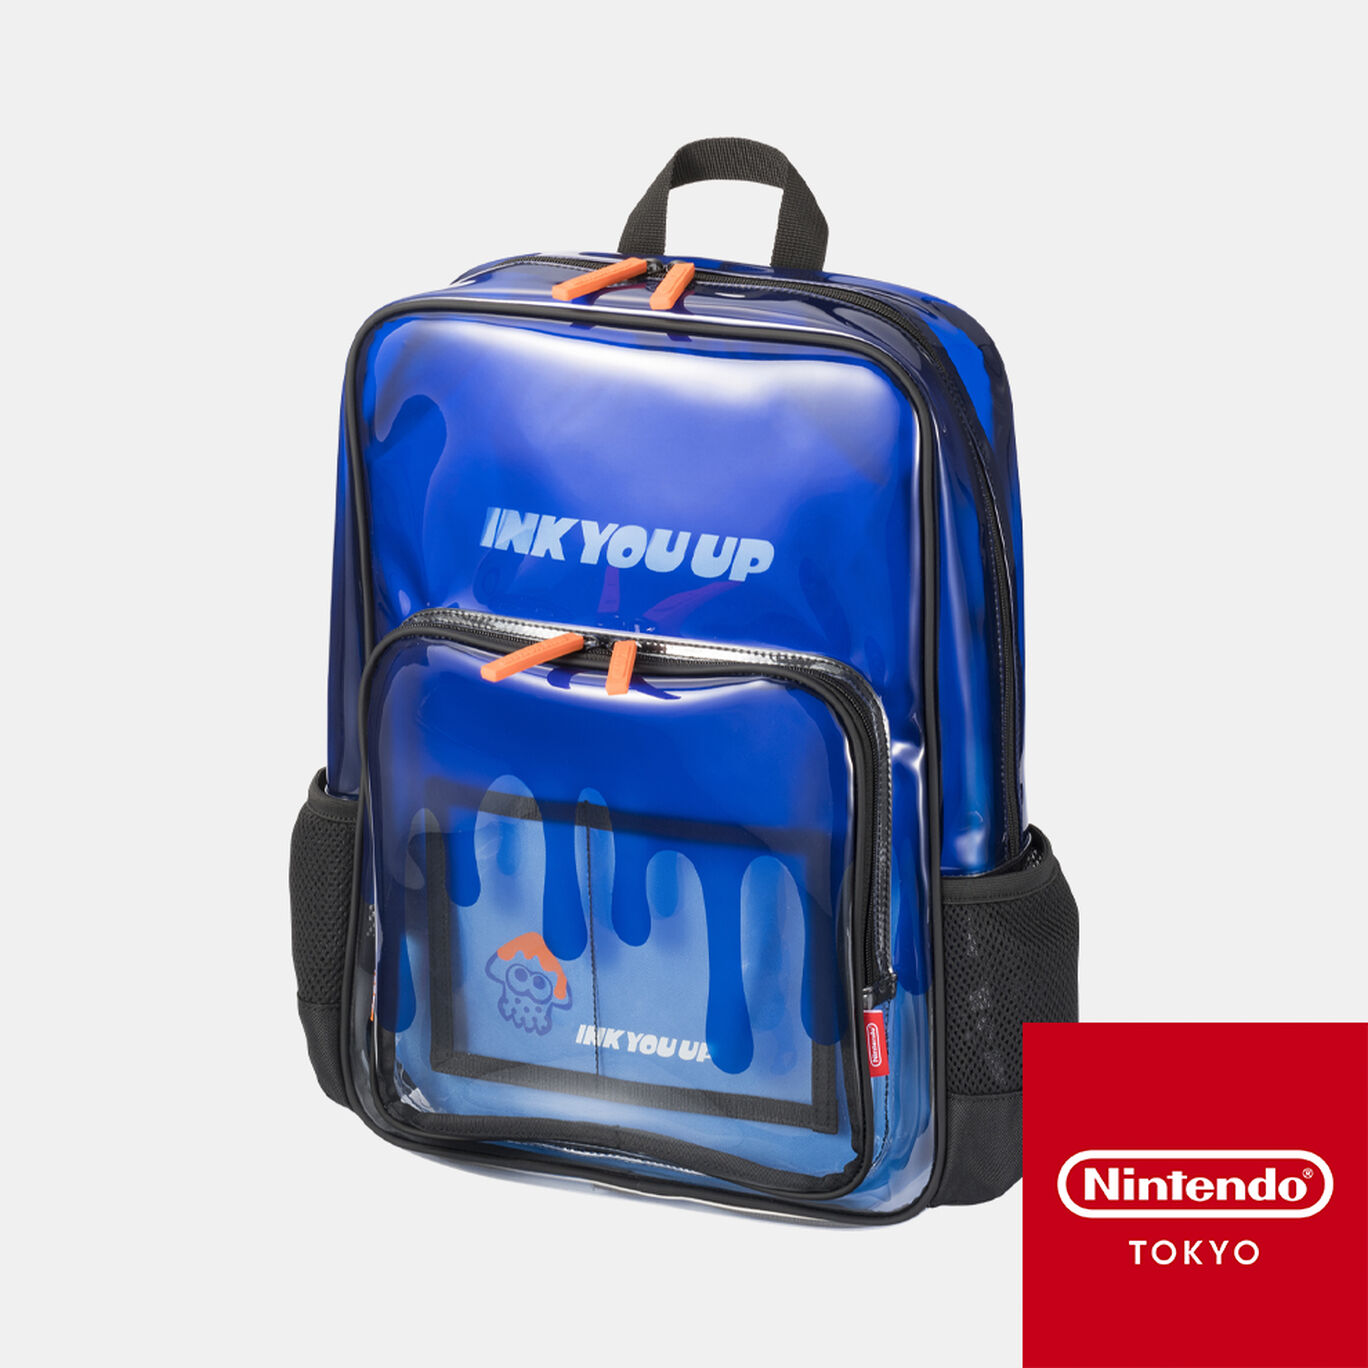 クリアリュック INK YOU UP【Nintendo TOKYO取り扱い商品】